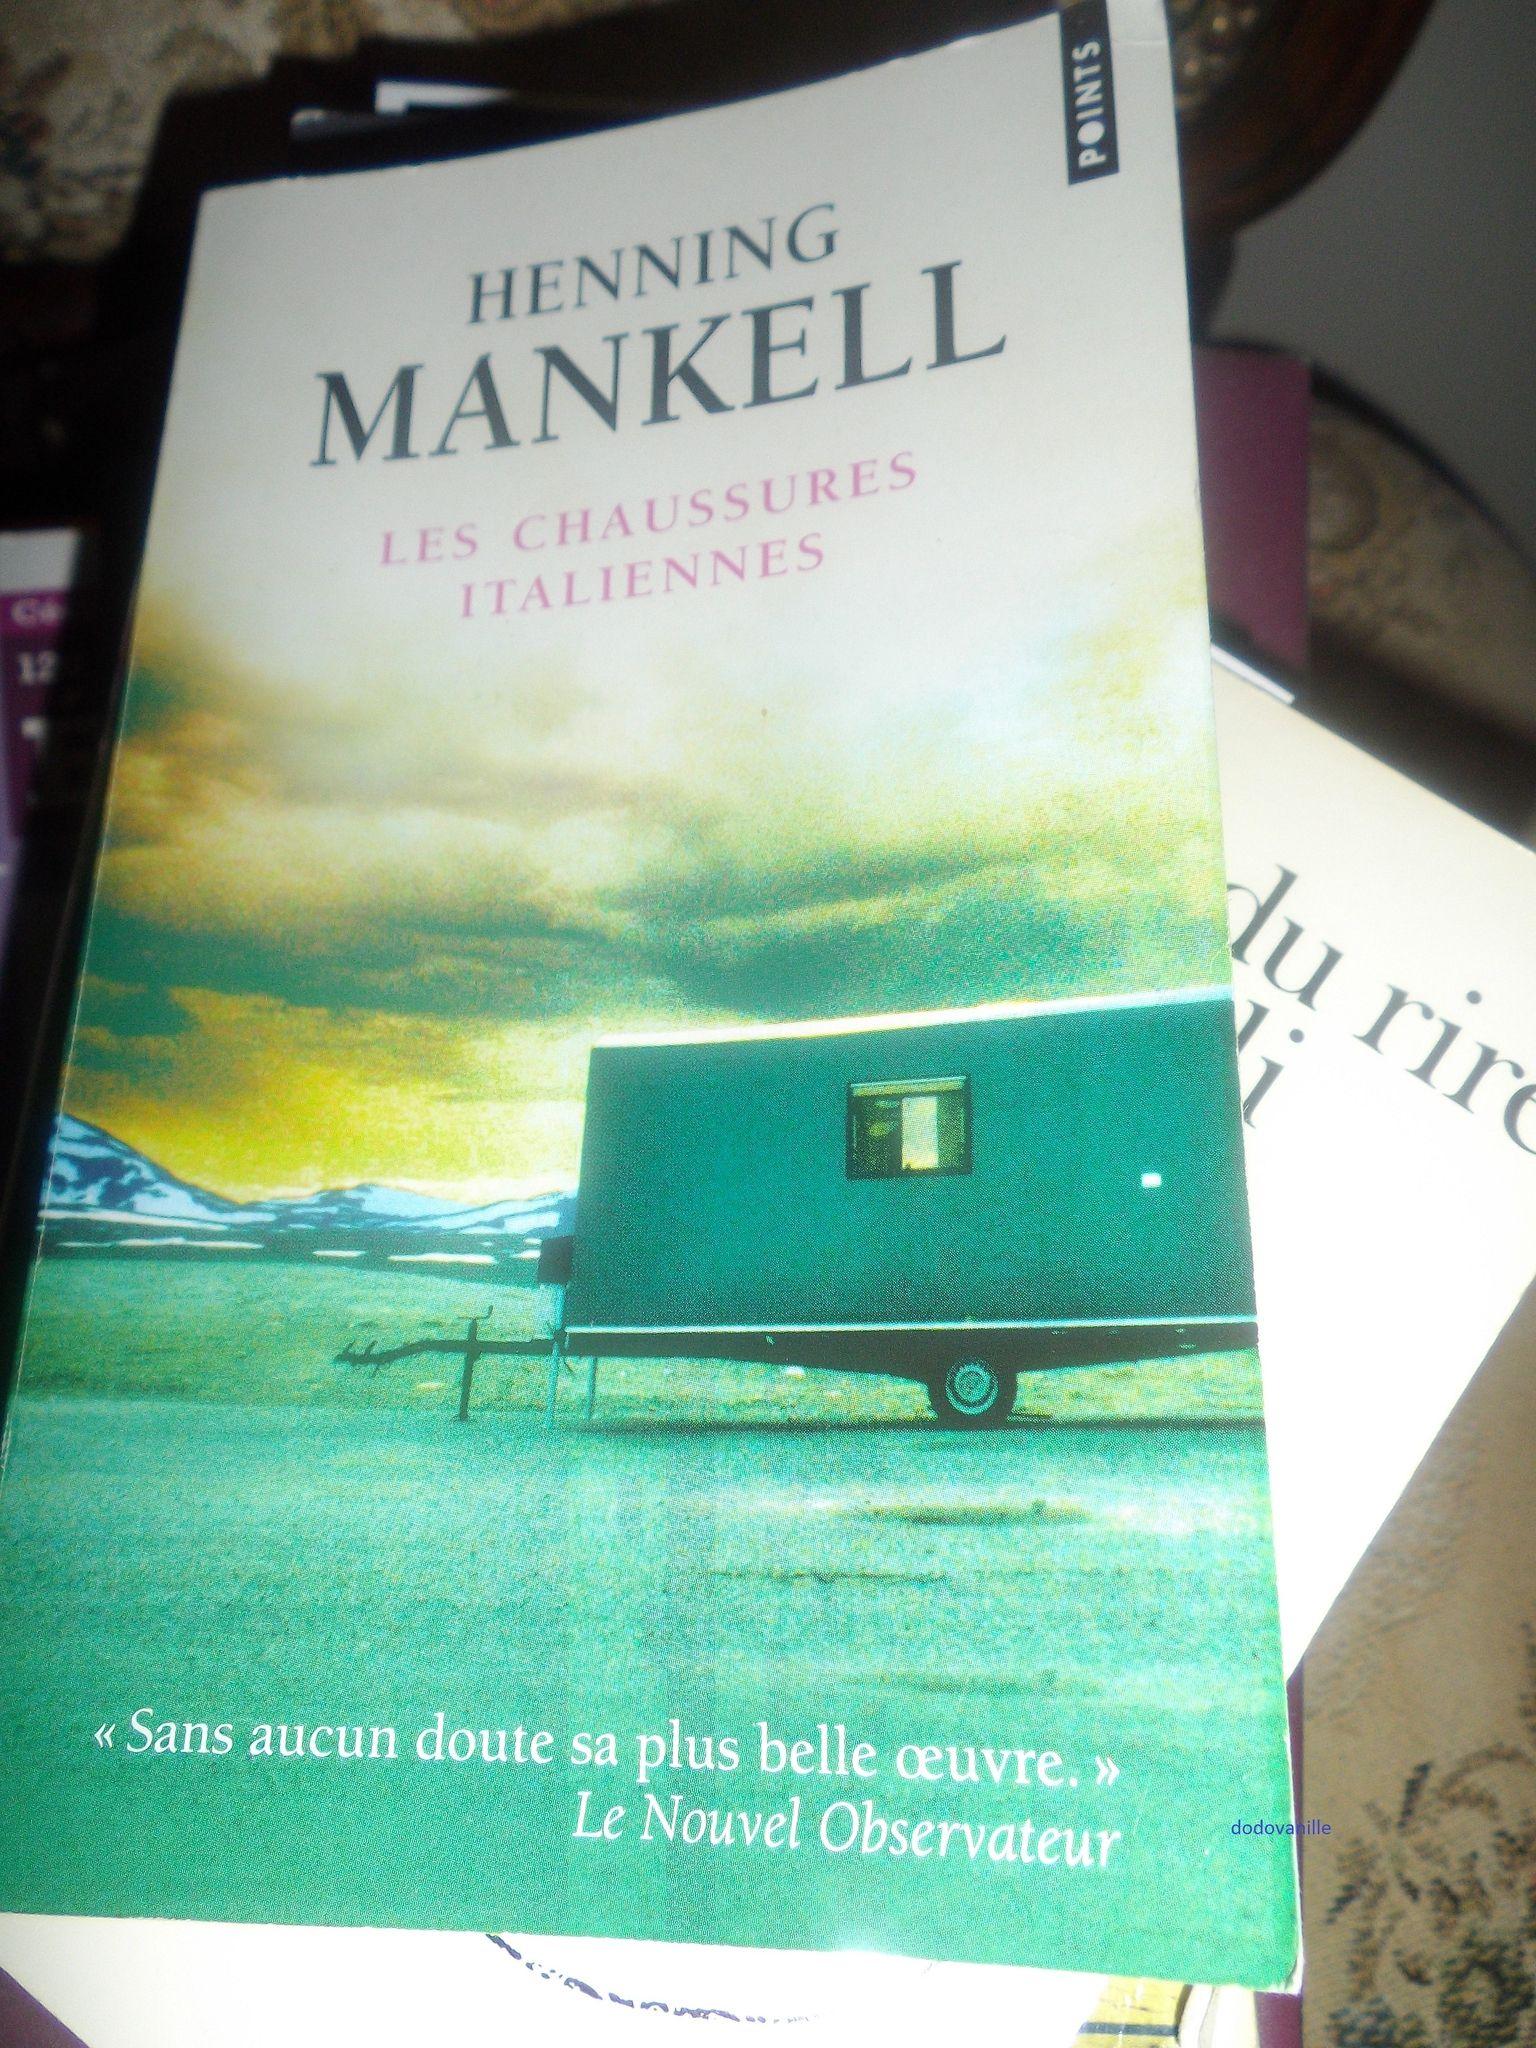 dd4deaa0217599 A lire absolument, excellent roman.   Reading / Lecture   Bienvenue ...